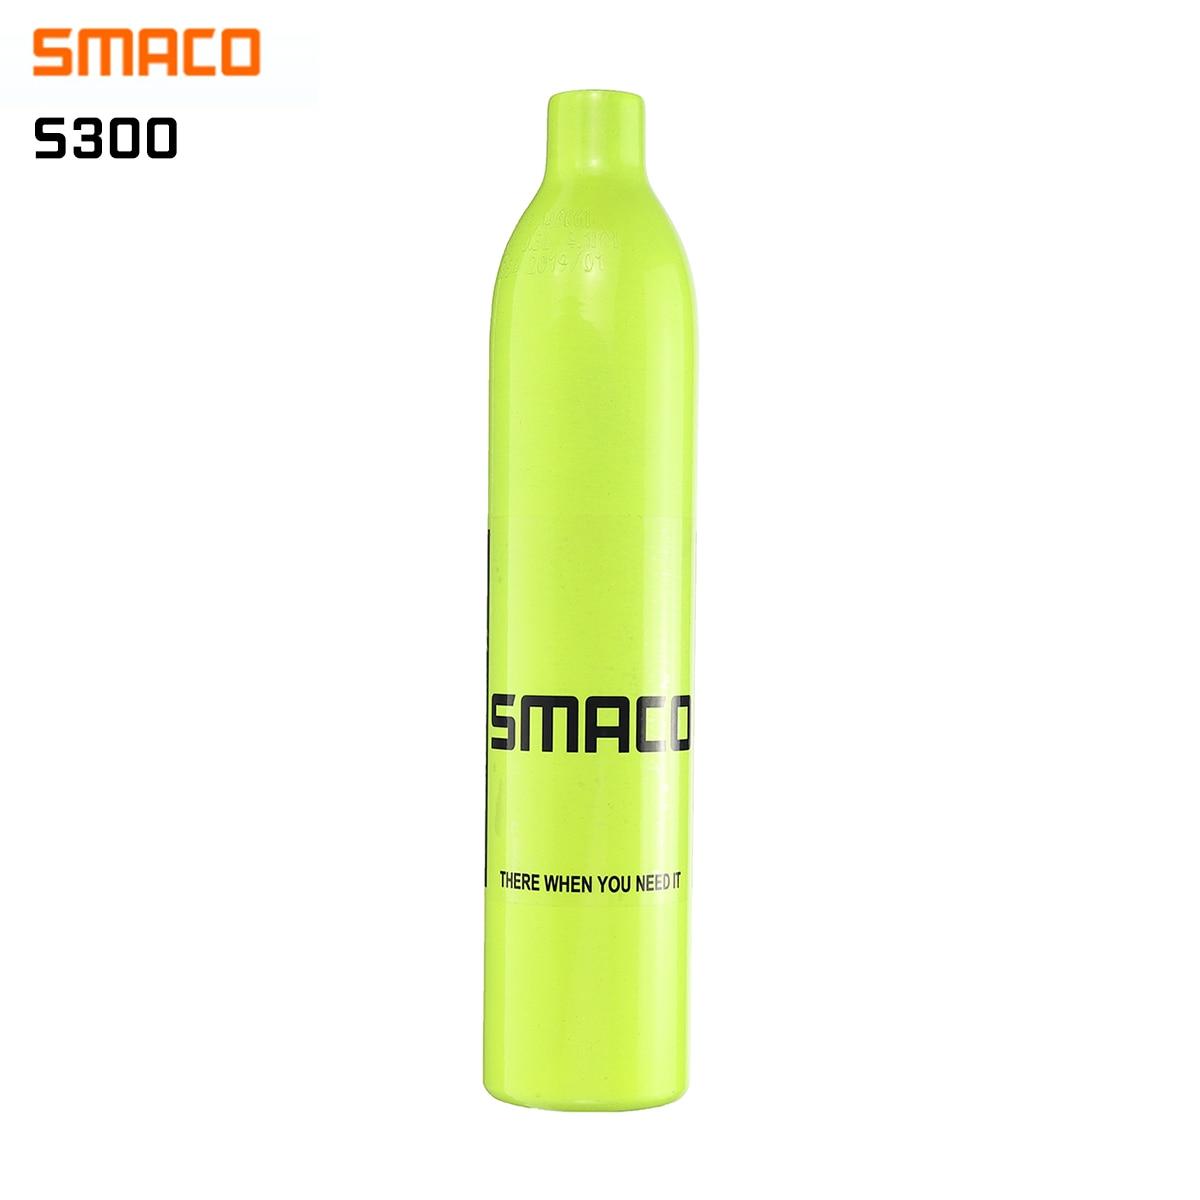 Smaco s300 0.5l equipamento de mergulho mini cilindro de mergulho tanques de ar do cilindro oxigênio sem cabeça